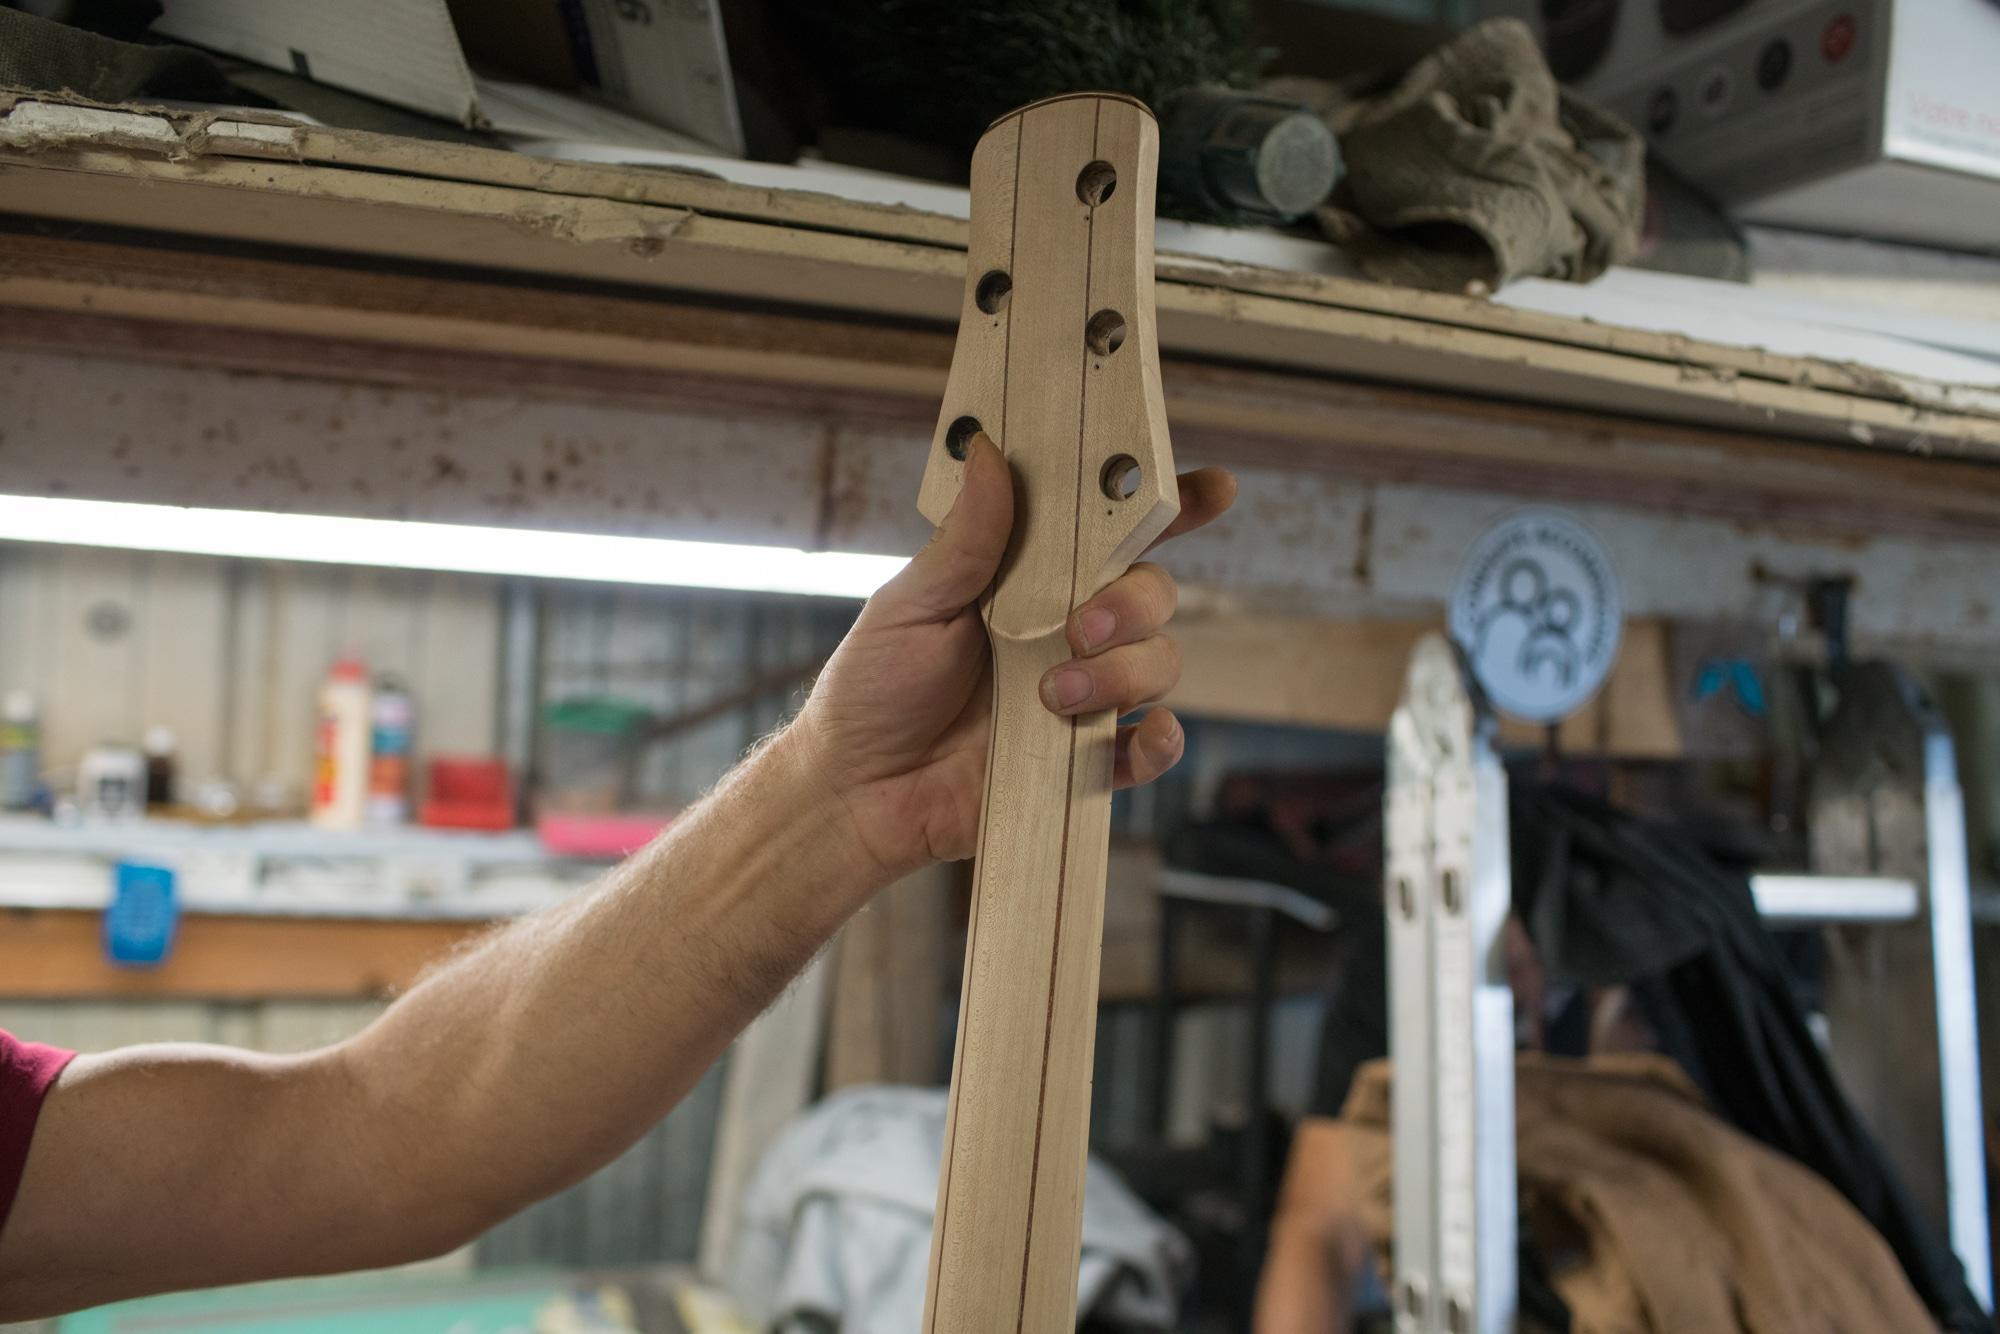 La main de Pierre saisit le haut d'un manche de guitare nu.